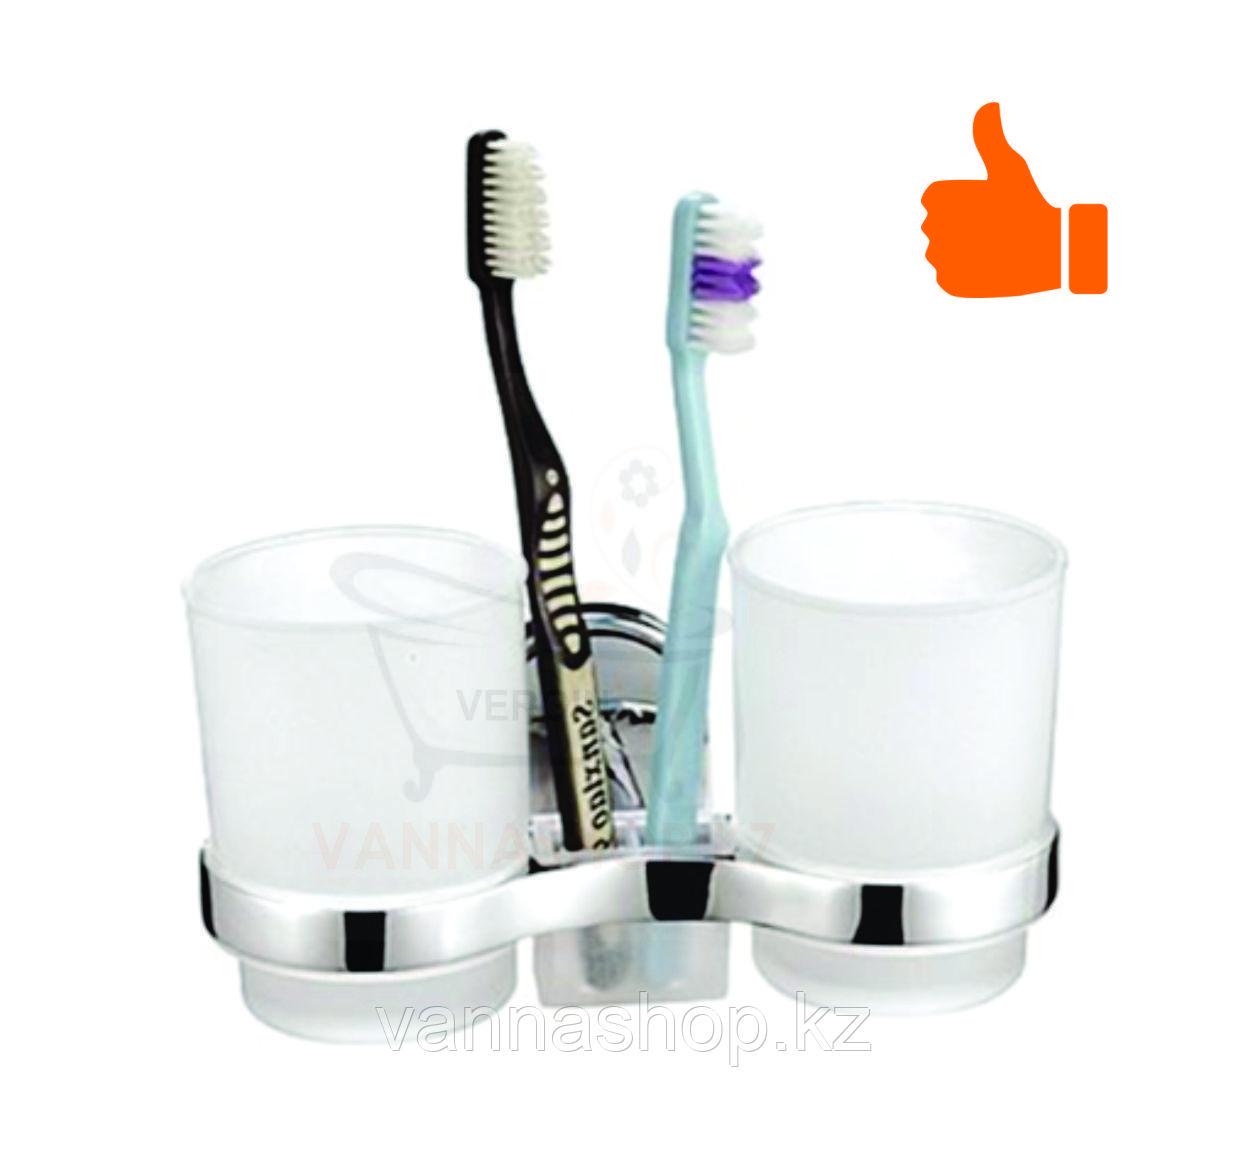 Настенный стакан (двойной) для щеток и зубных паст